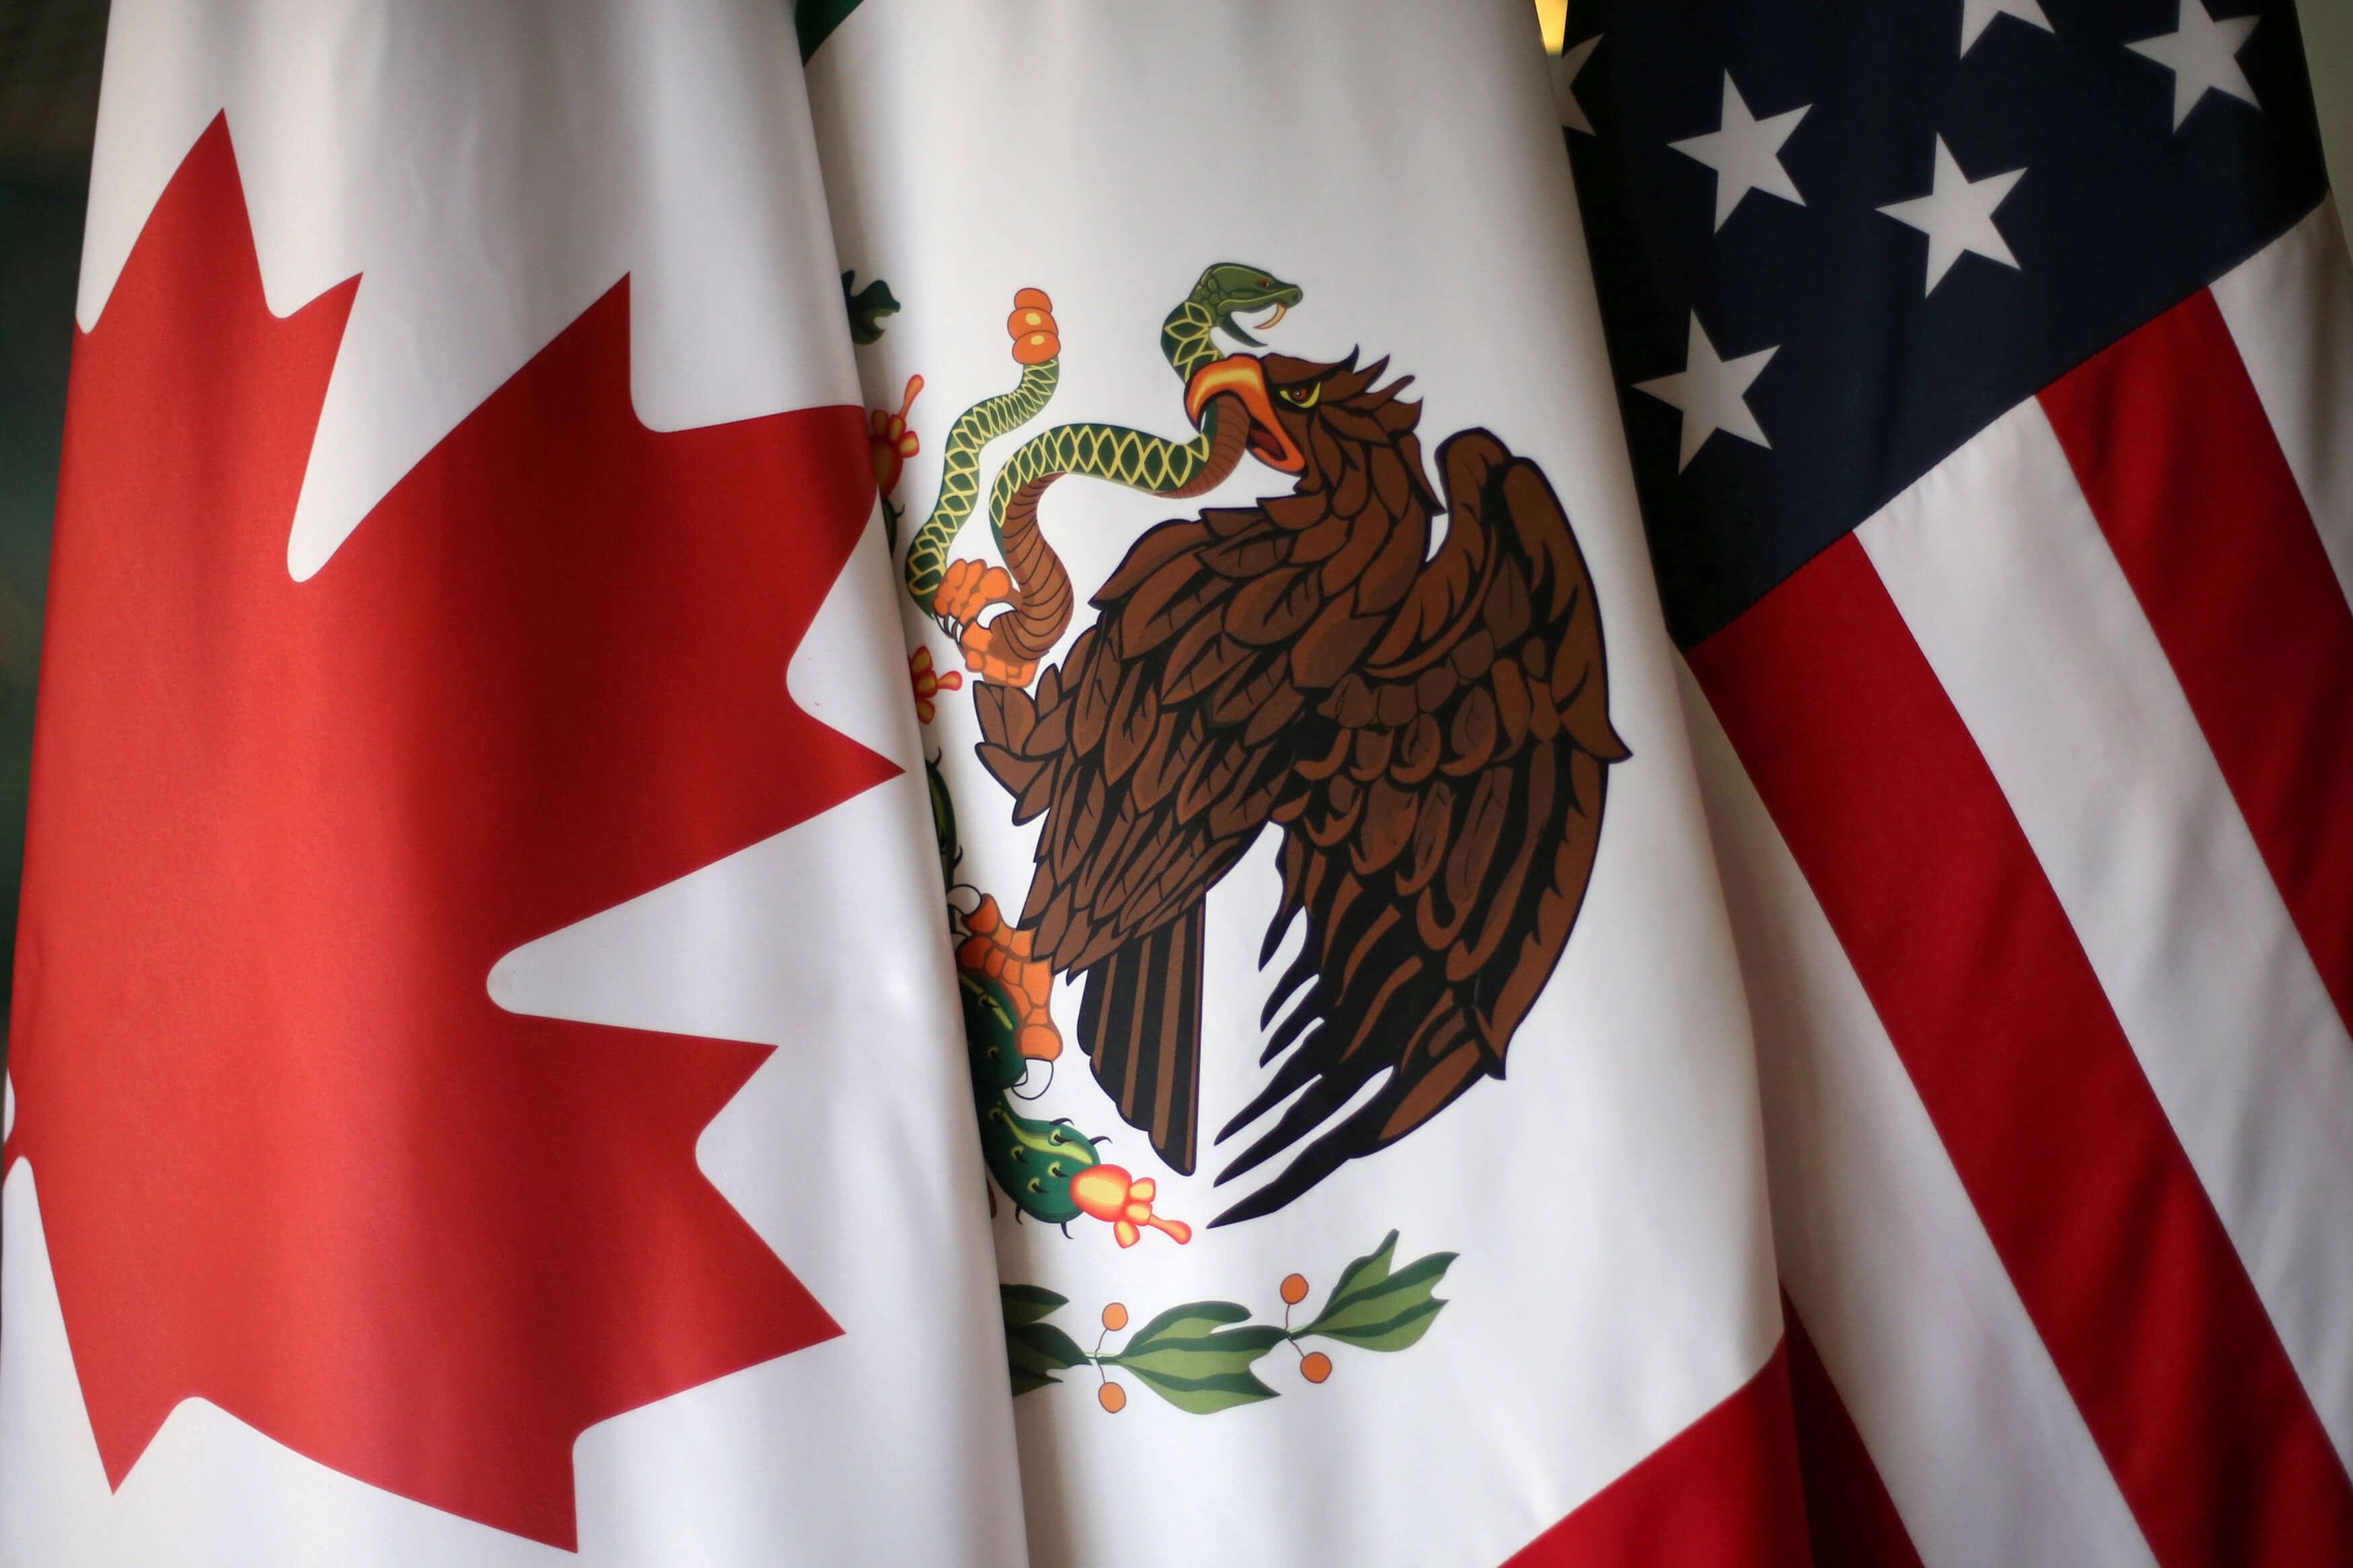 Canadá prevé que Donald Trump anuncie retiro de Estados Unidos del TLCAN